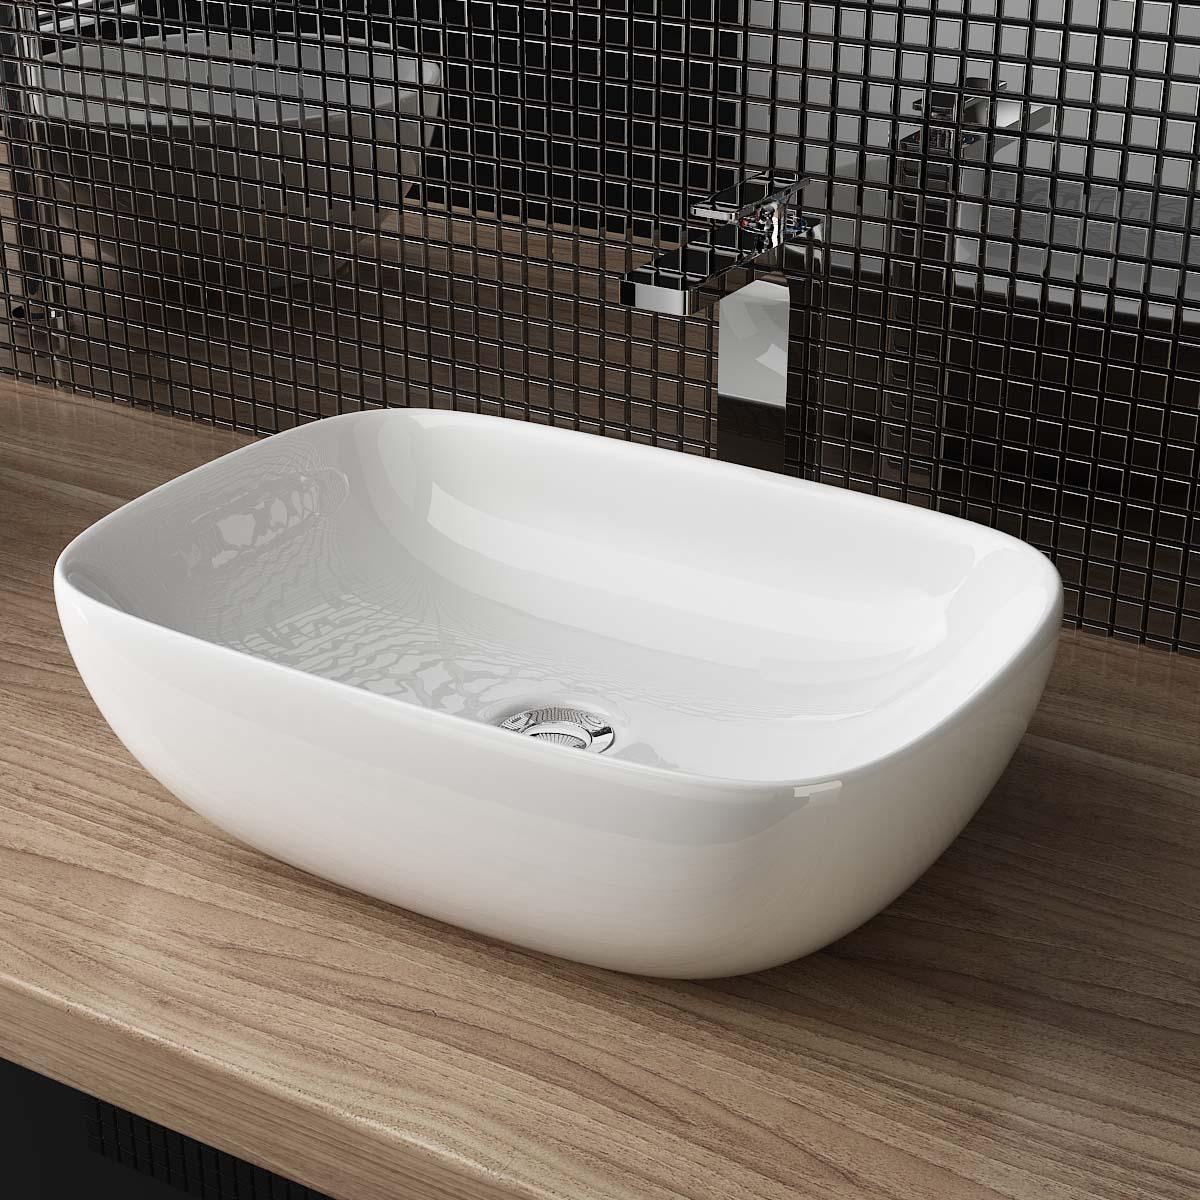 design keramik aufsatzwaschbecken handwaschbecken. Black Bedroom Furniture Sets. Home Design Ideas